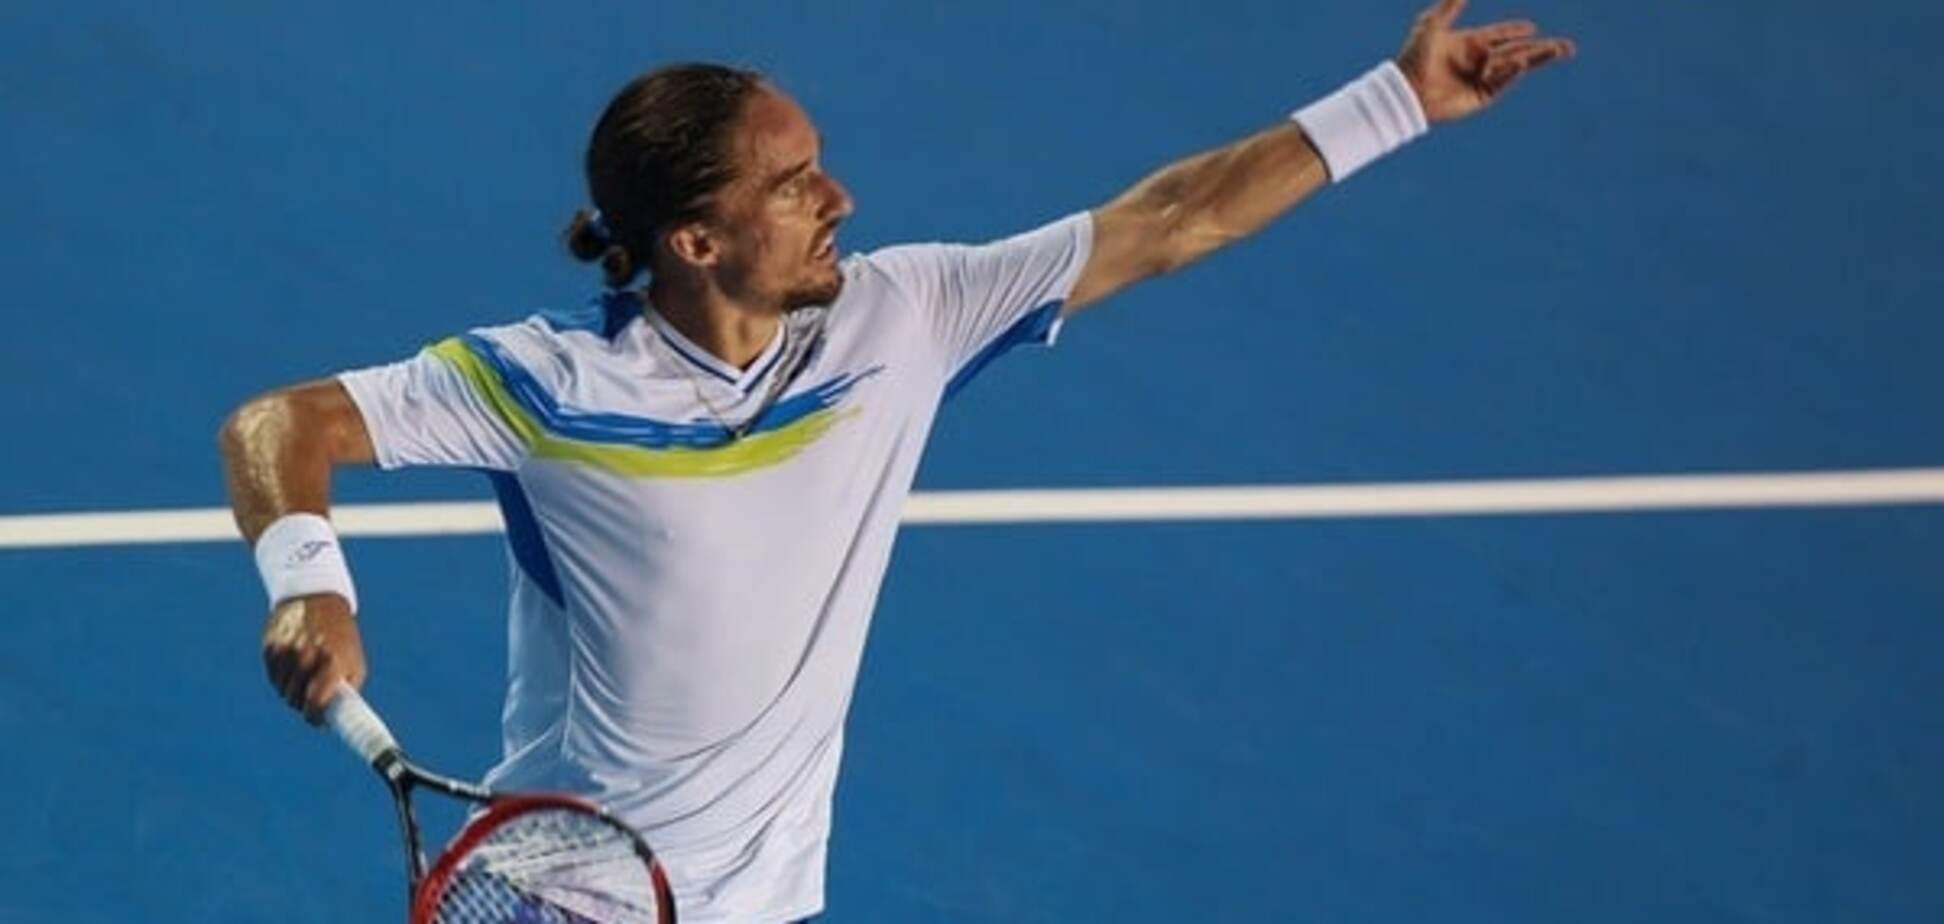 Украинский теннисист эффектно вышел в полуфинал супертурнира в Мексике